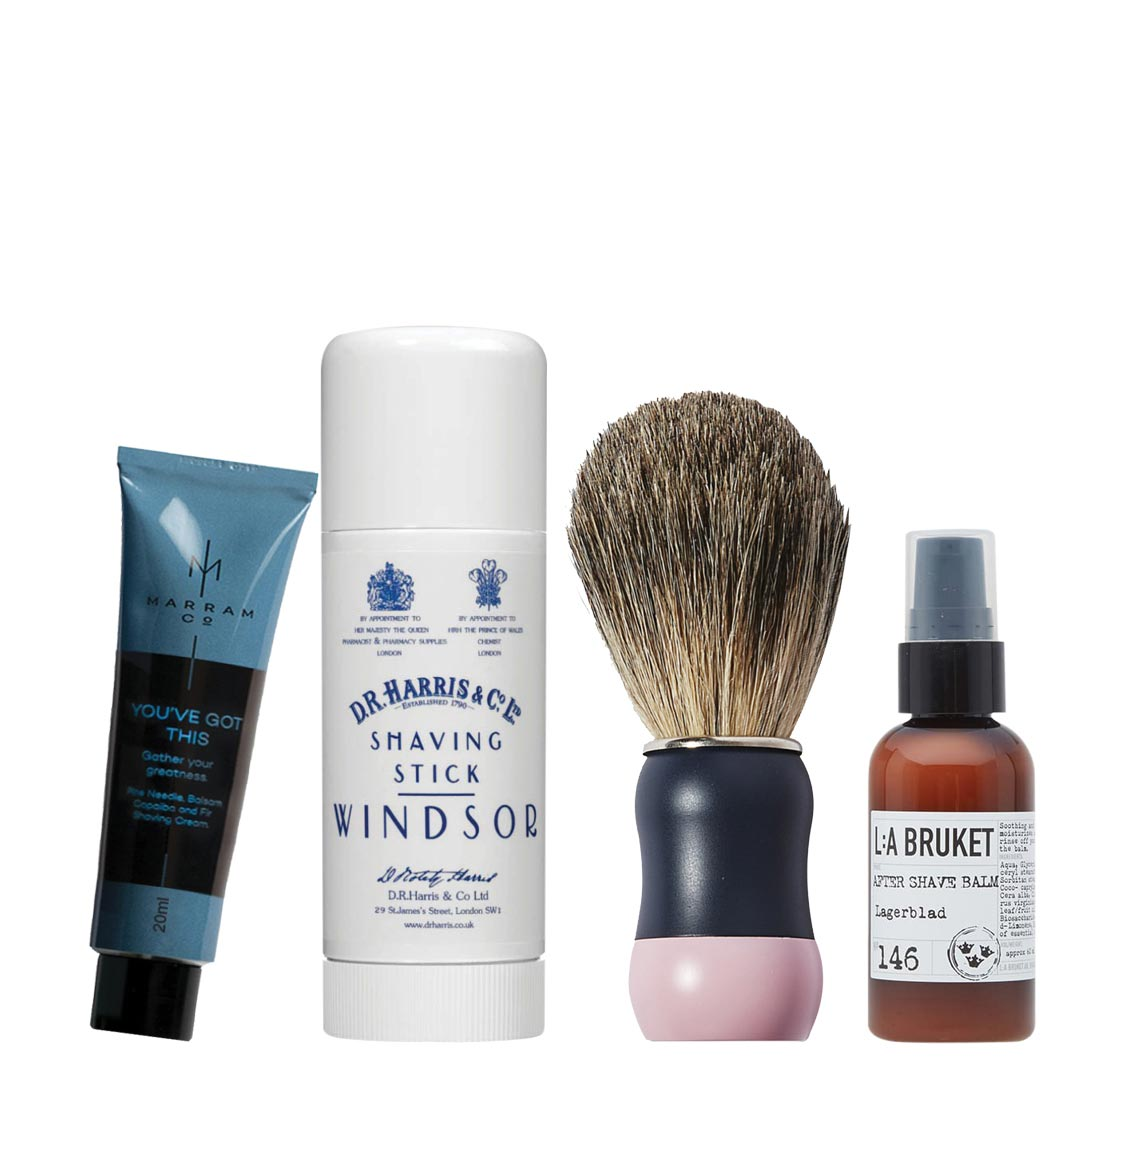 D R Harris Shaving Starter Pack | D R Harris Windsor Shaving Stick 40g | LA Bruket Aftershave Balm Laurel Leaf 60ml | Boar Bristle Brush | Marram Co Pine and Fir Shaving Cream 20ml